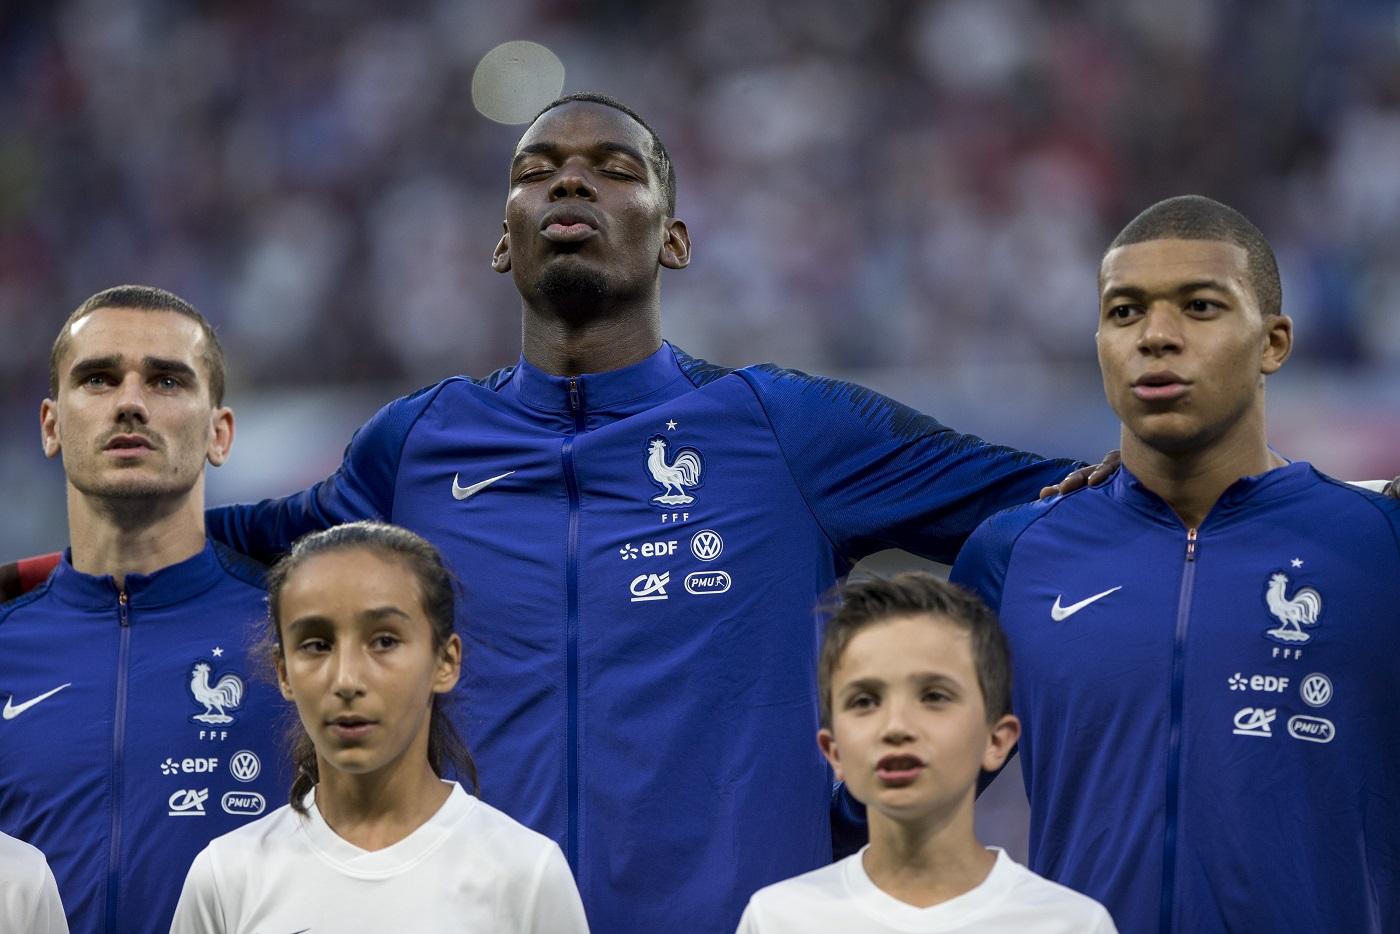 O craque francês Paul Pogba, ao centro, foi uma das vítimas de racismo no jogo contra a Rússia, em março deste ano. Foto Elyxandro Cegarra (NurPhoto)